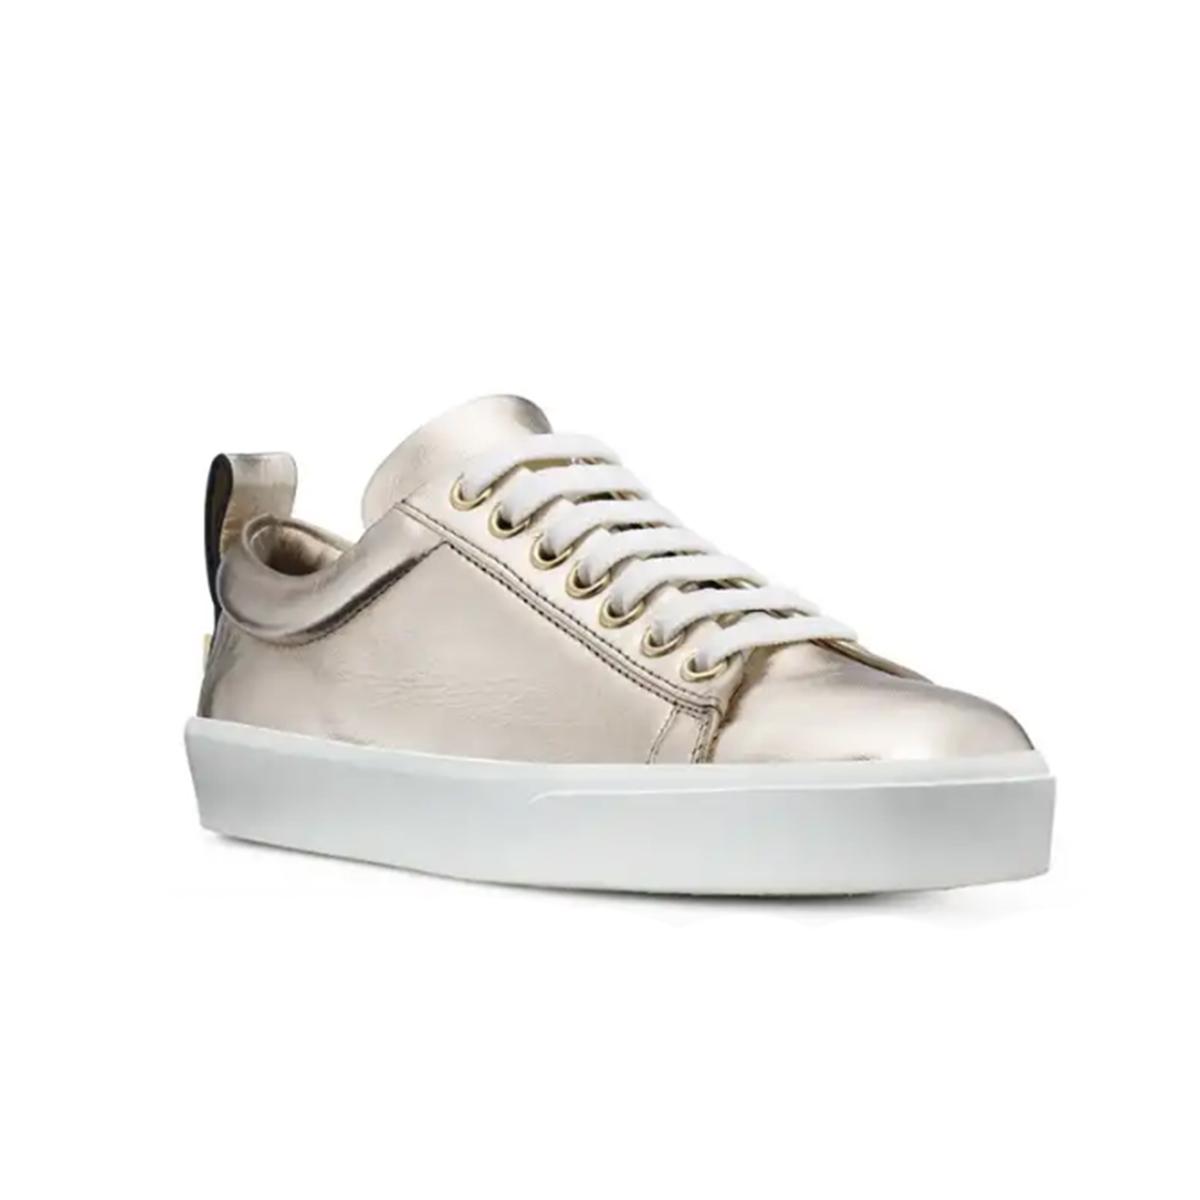 Adley Sneaker